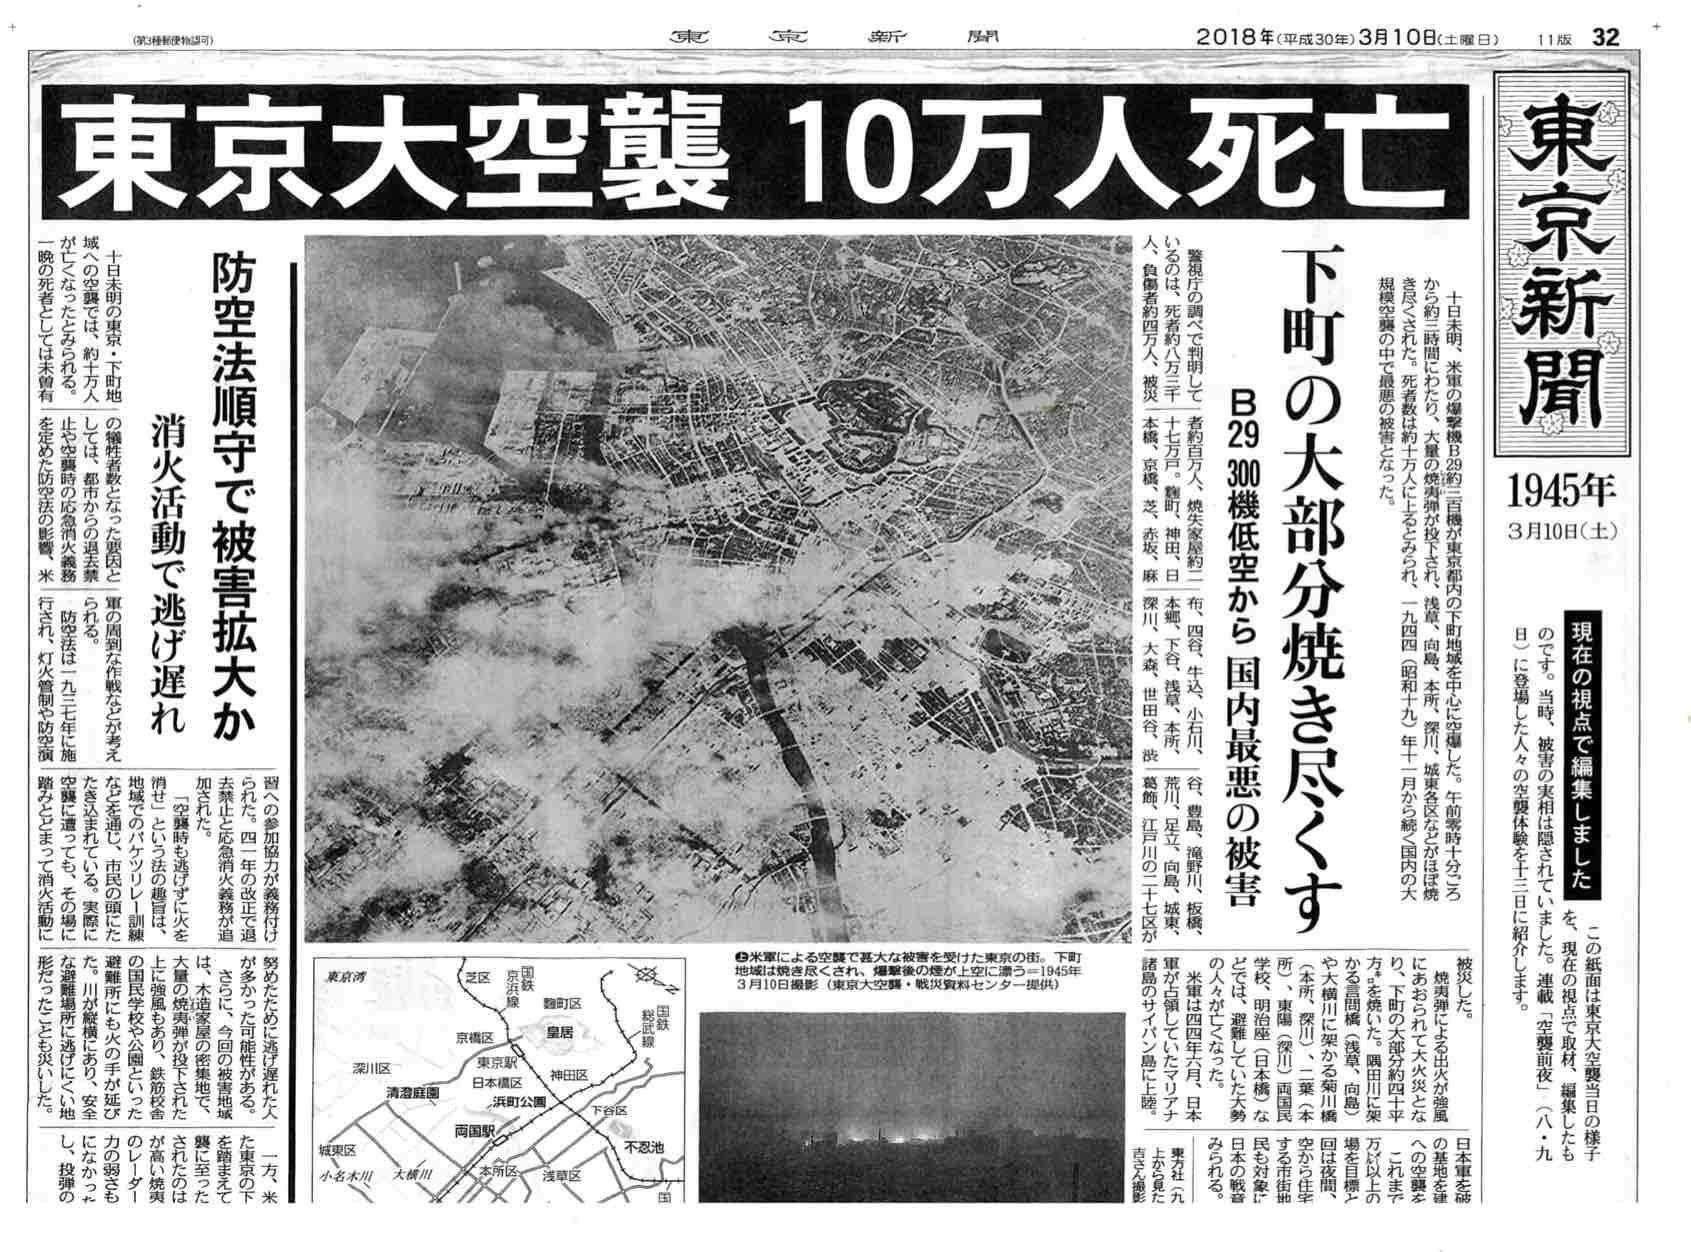 ②3月10日【東京大空襲】2時間で10万人大虐殺!川には山のように積み重なった死体!